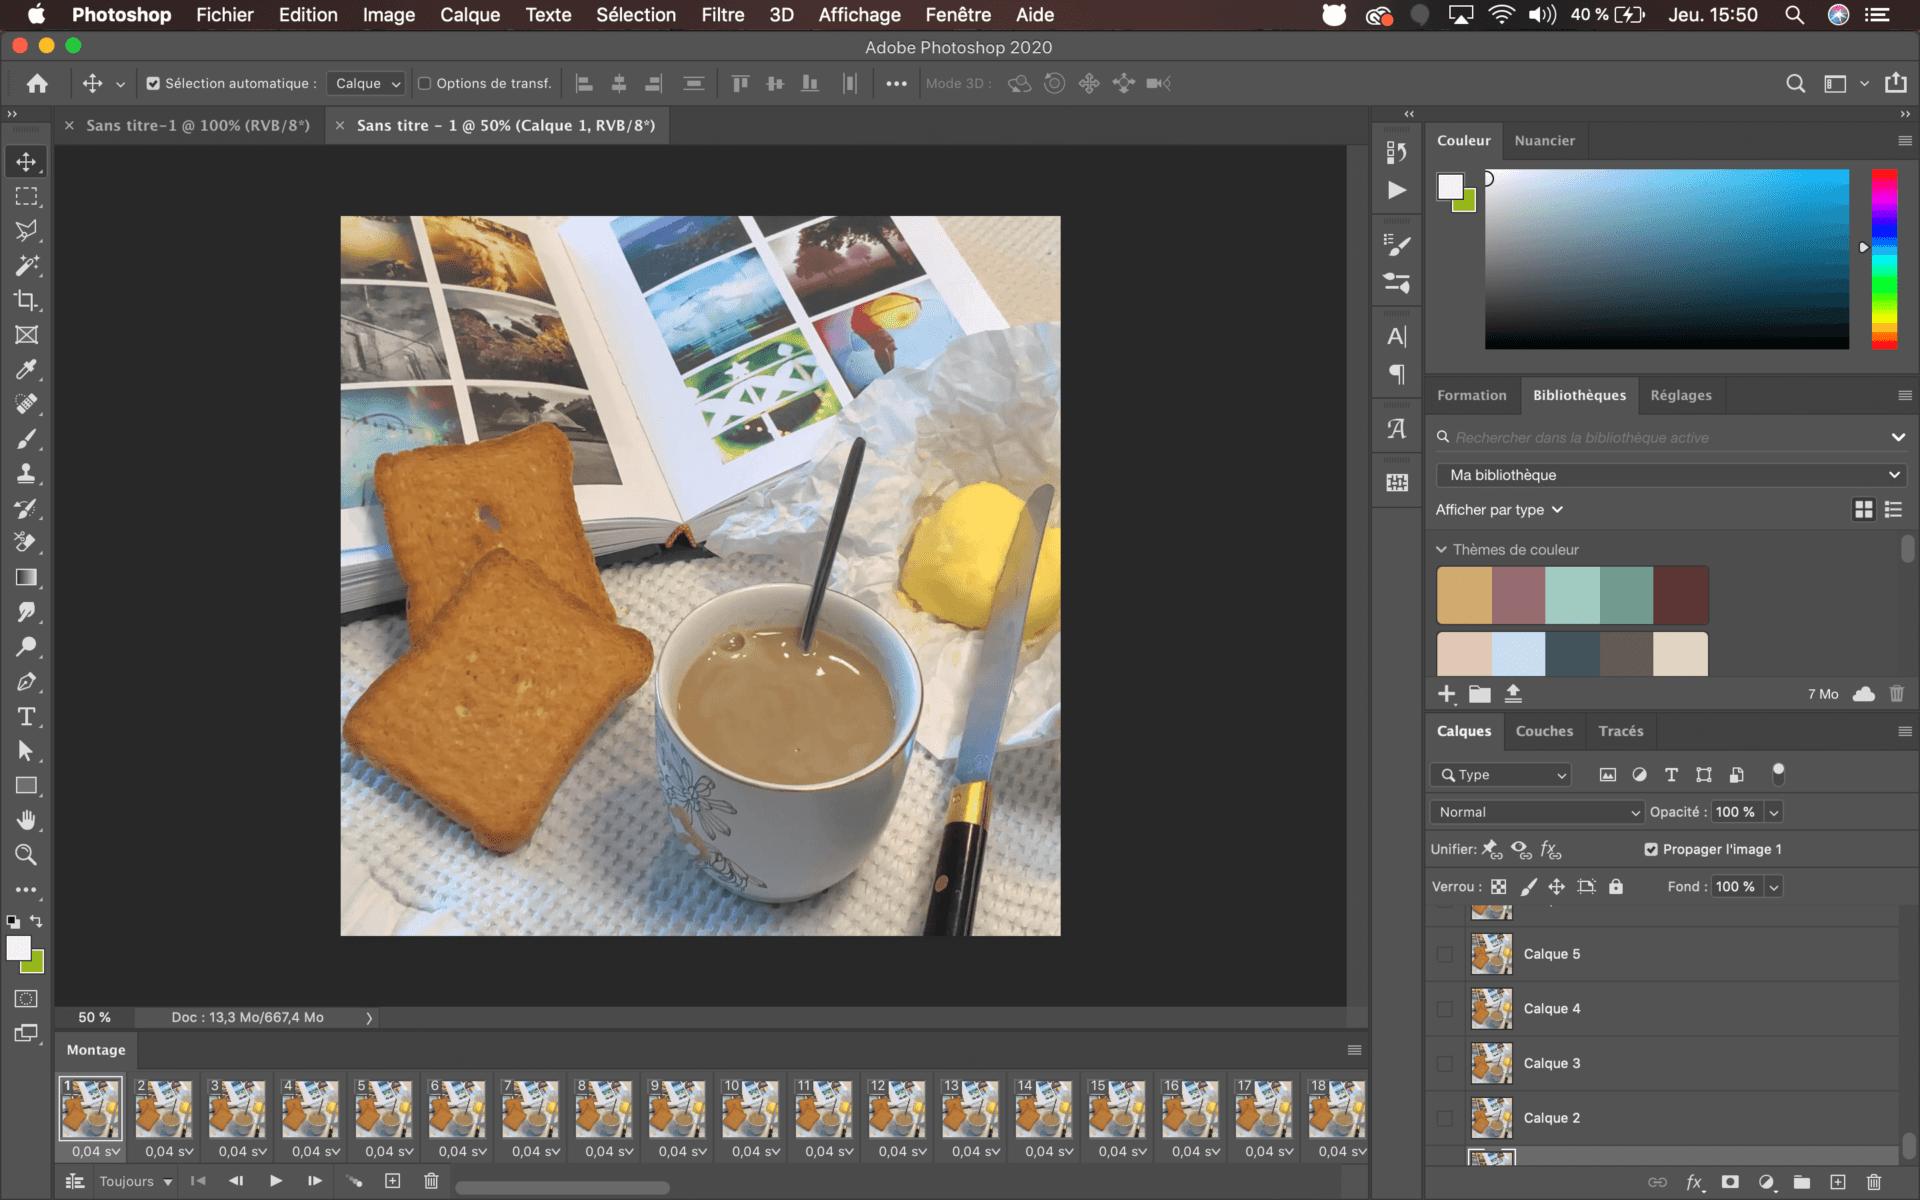 interface de photoshop pour créer un cinemagraph